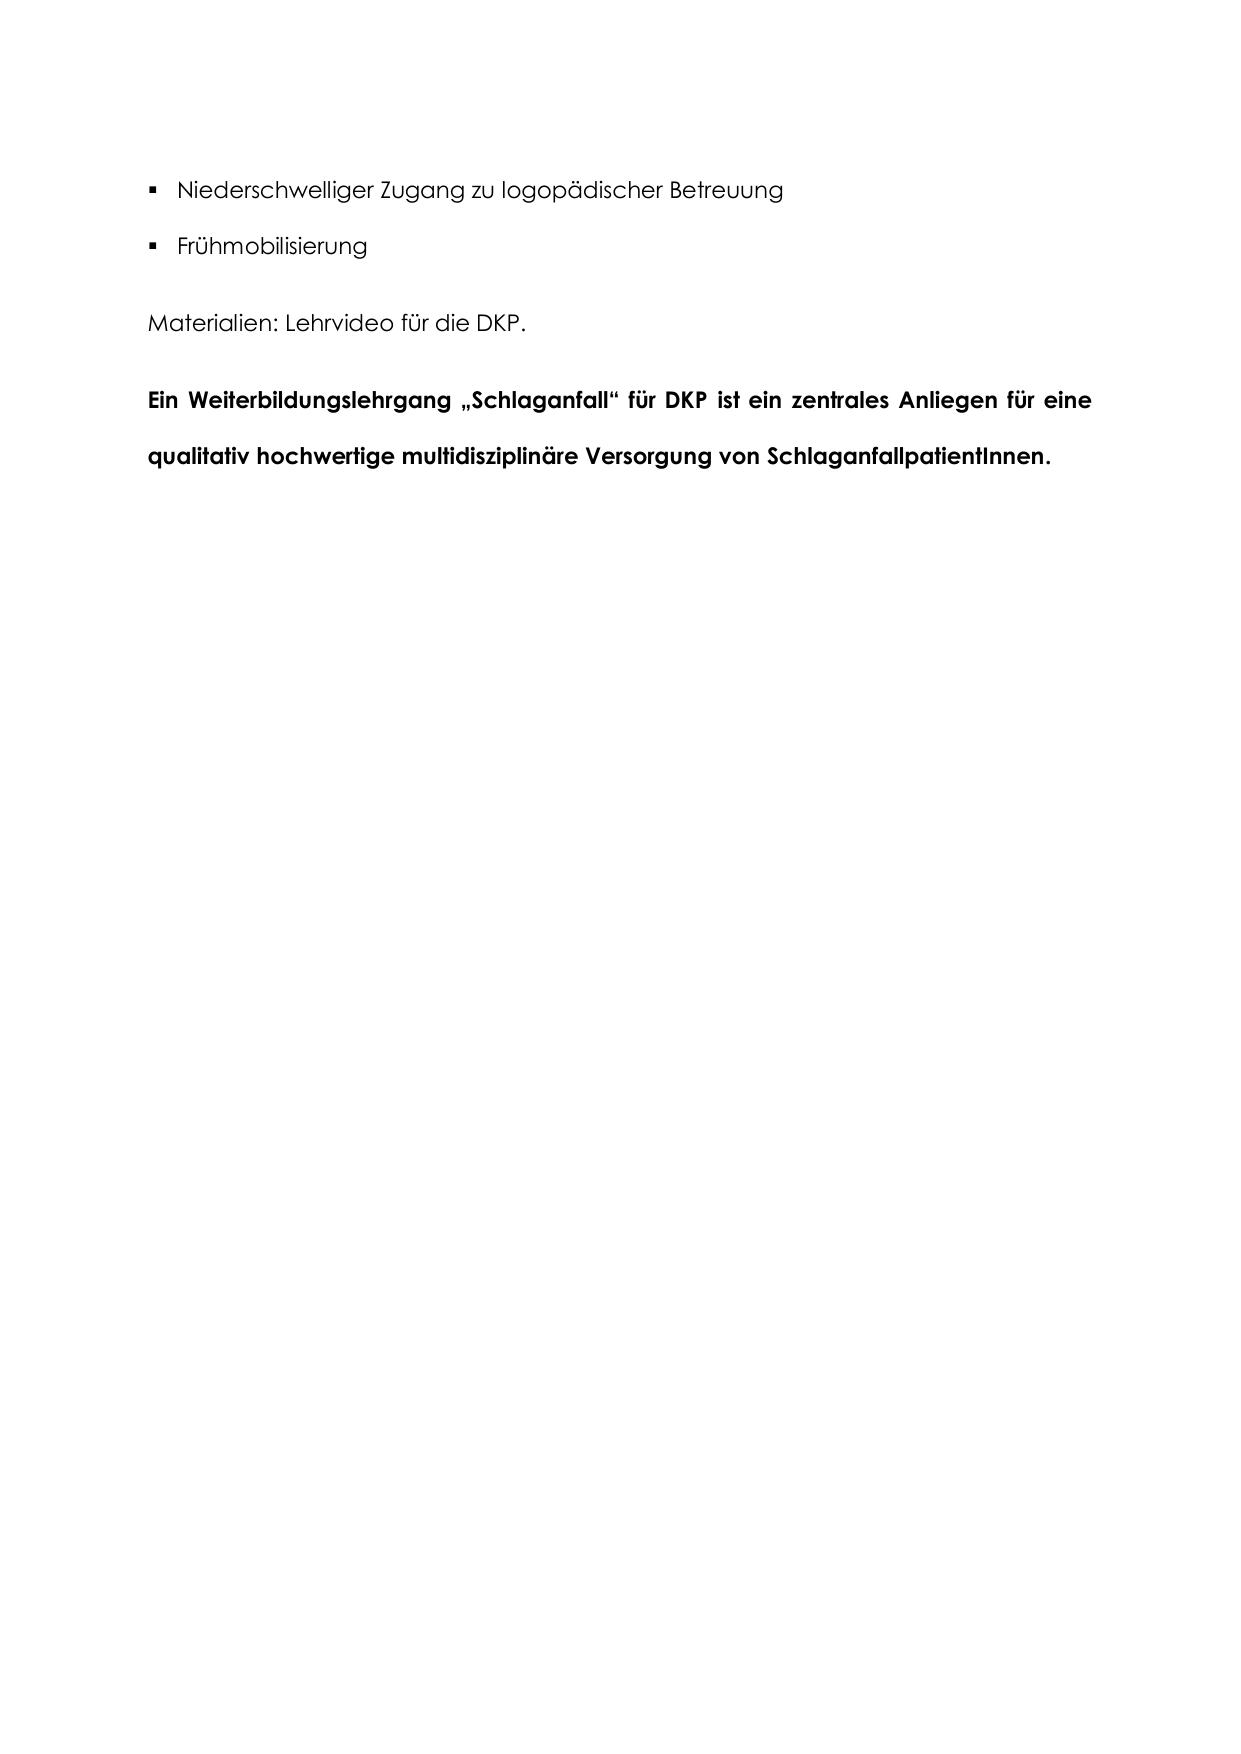 Positionspapier_Schlaganfallversorgung-12